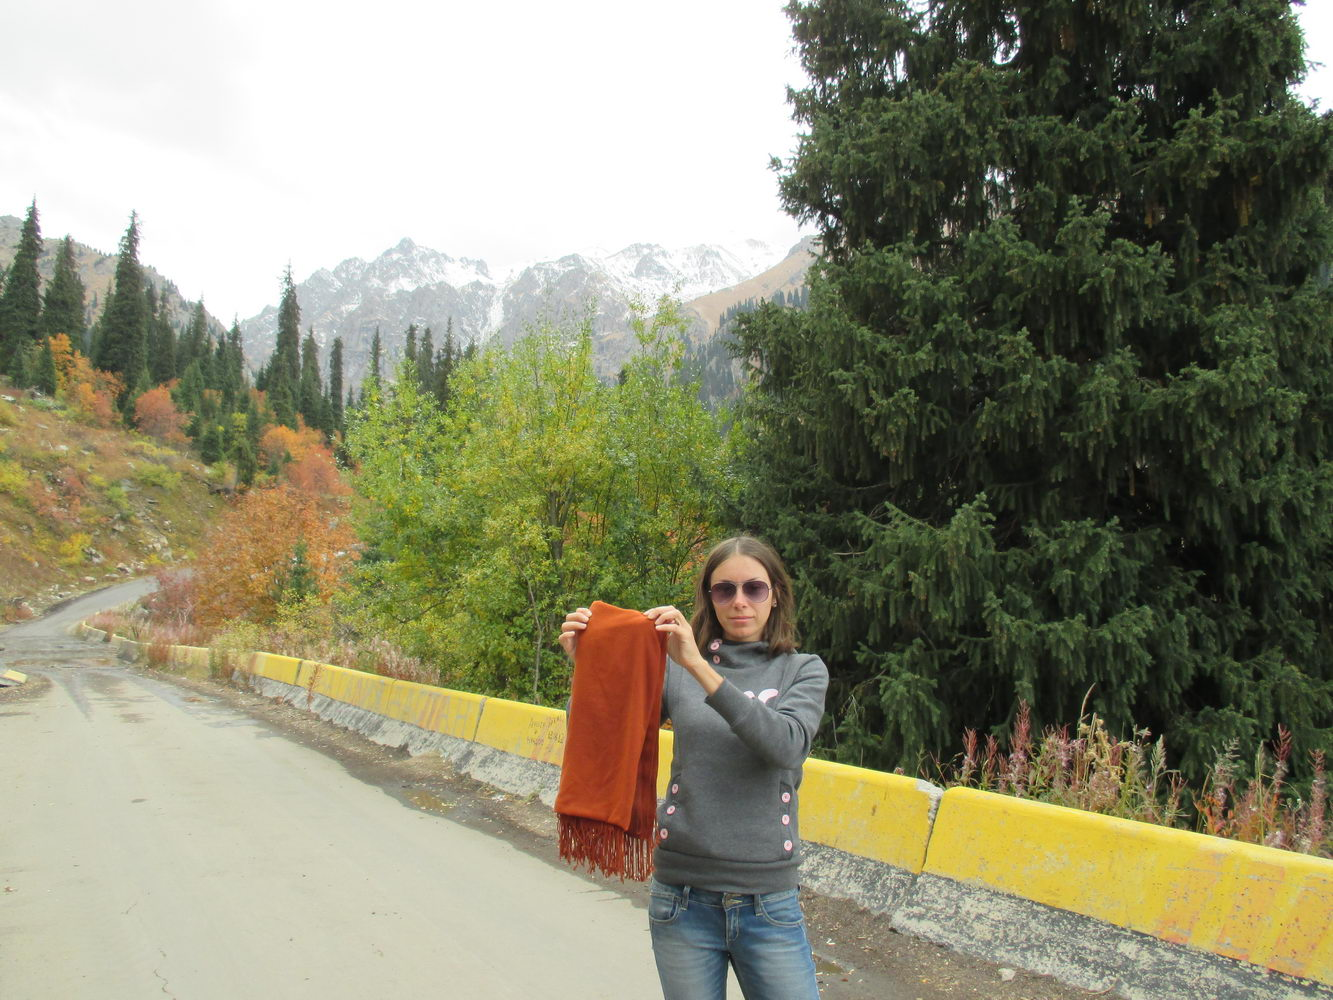 оля нашла рыжый шарф. горы алатау. казахстан